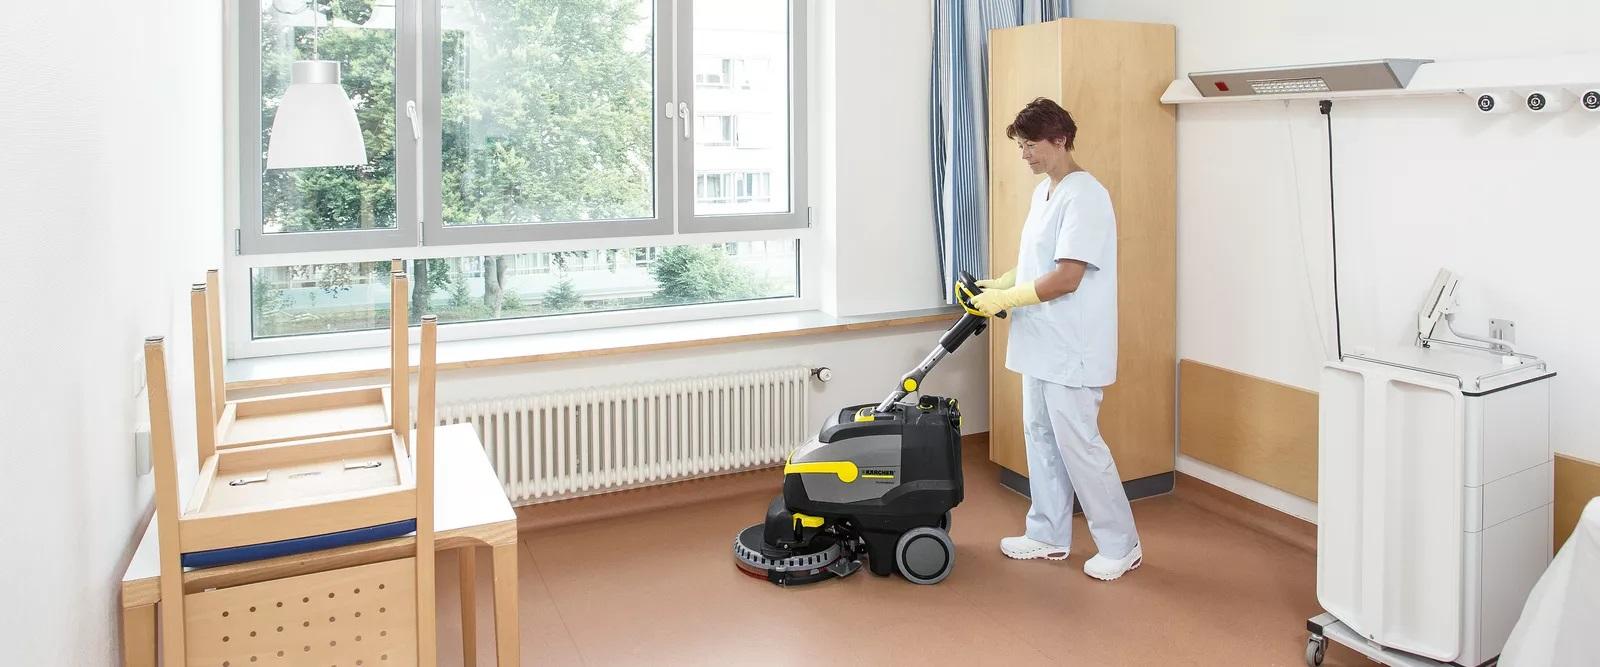 desinfeccion del suelo con fregadora karcher - LIMPIEZA DE SUELOS: LIMPIEZA Y DESINFECCIÓN MECÁNICA CON FREGADORAS DE SUELOS